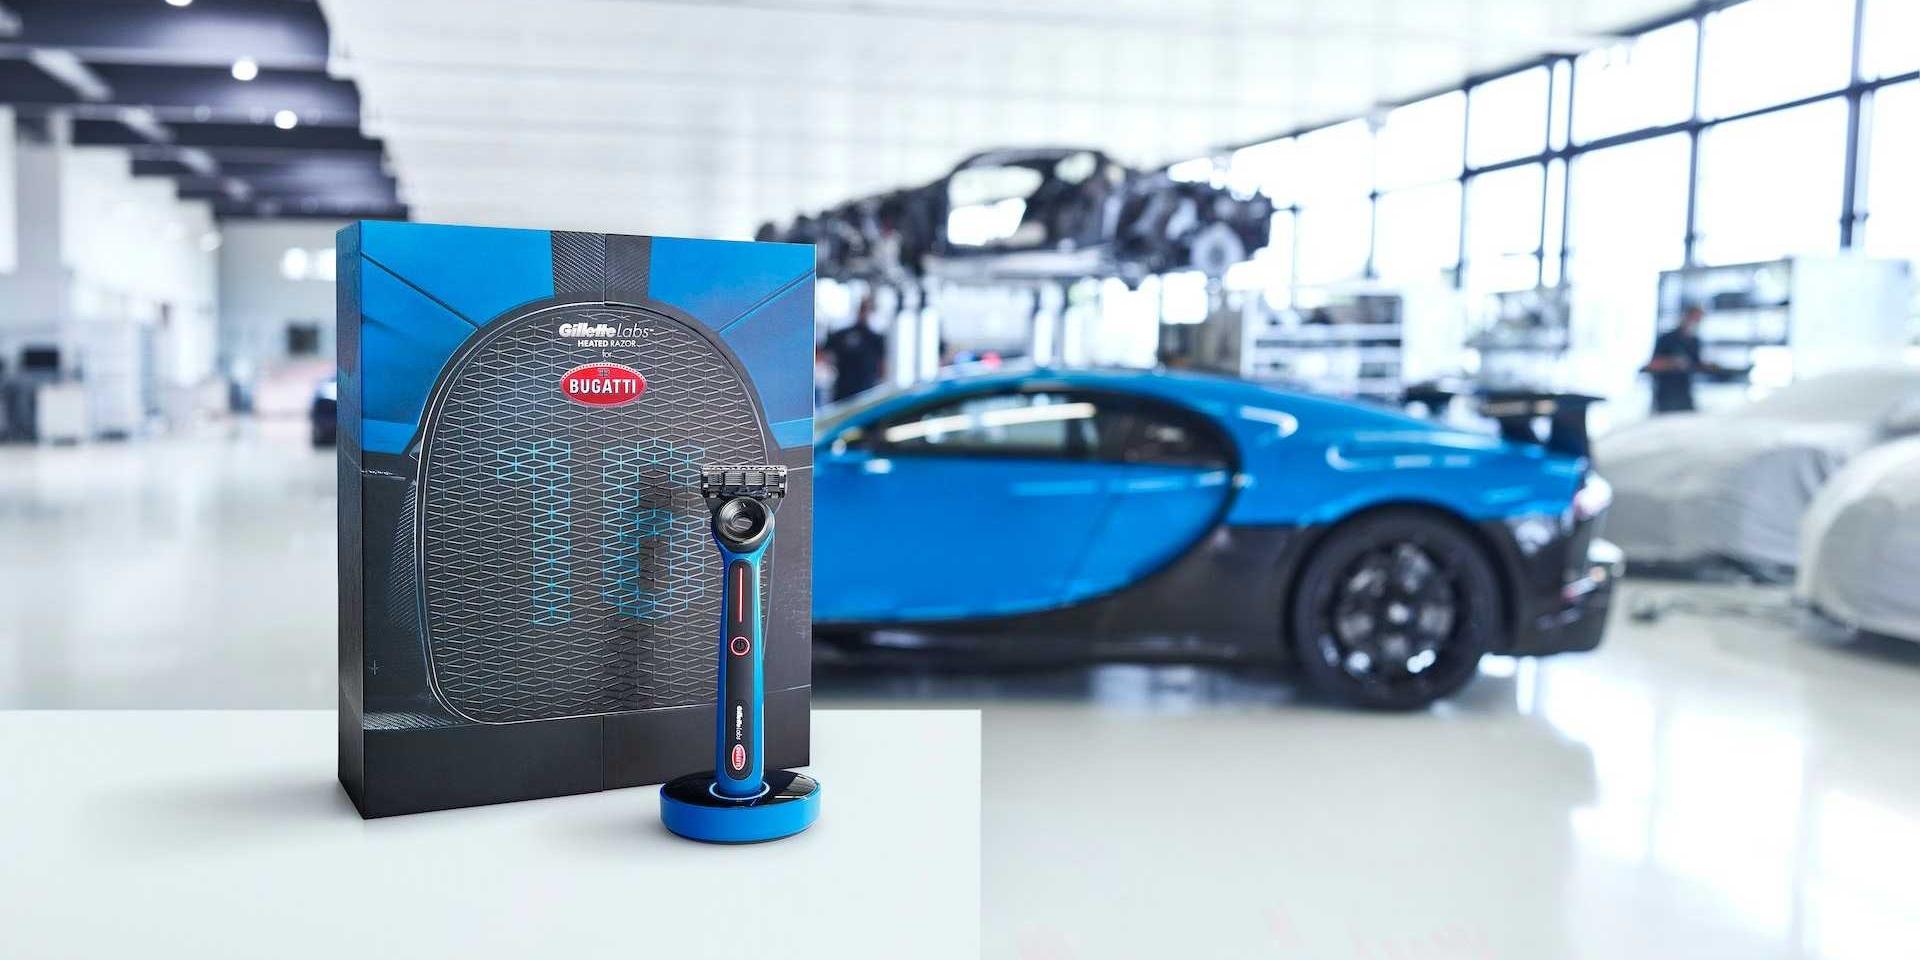 這個Bugatti你也買得起!會加熱的刮鬍刀提供舒適感受!